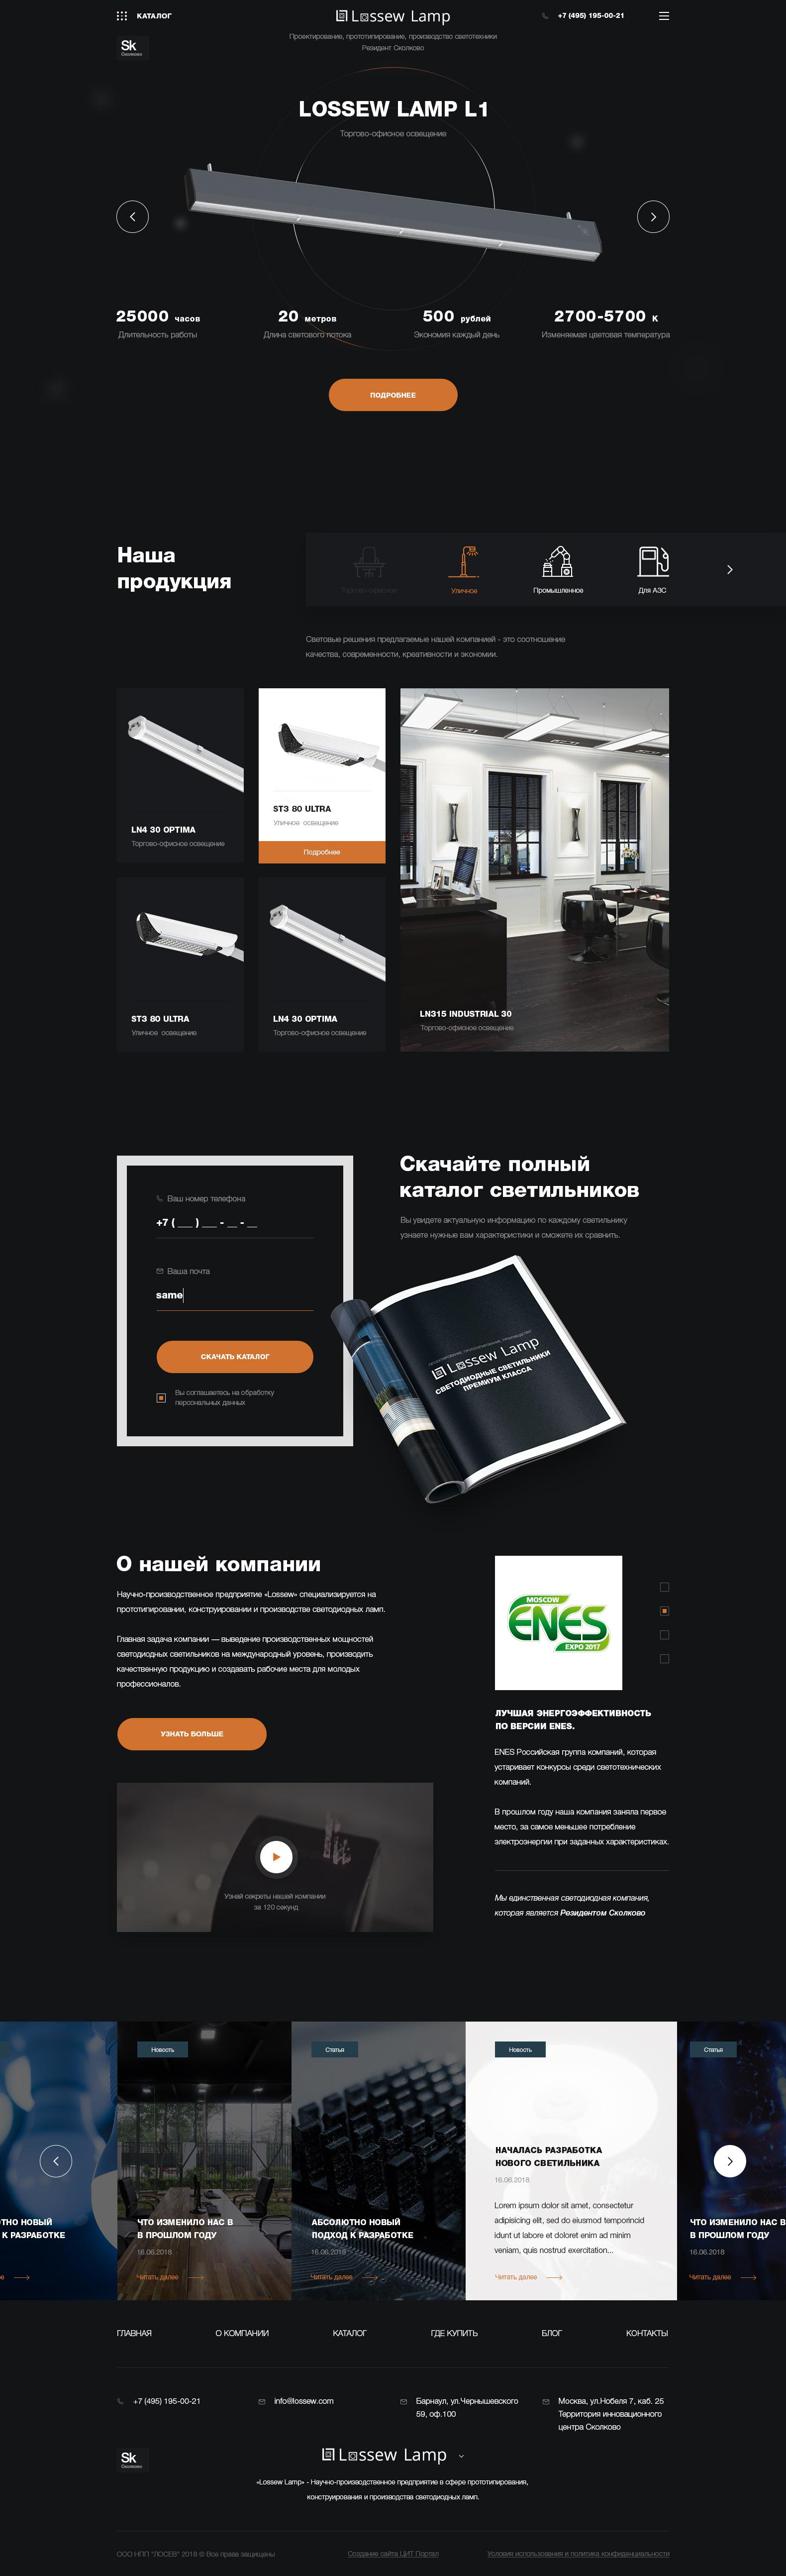 Разработка сайта производственной компании Lossew - Главная страница